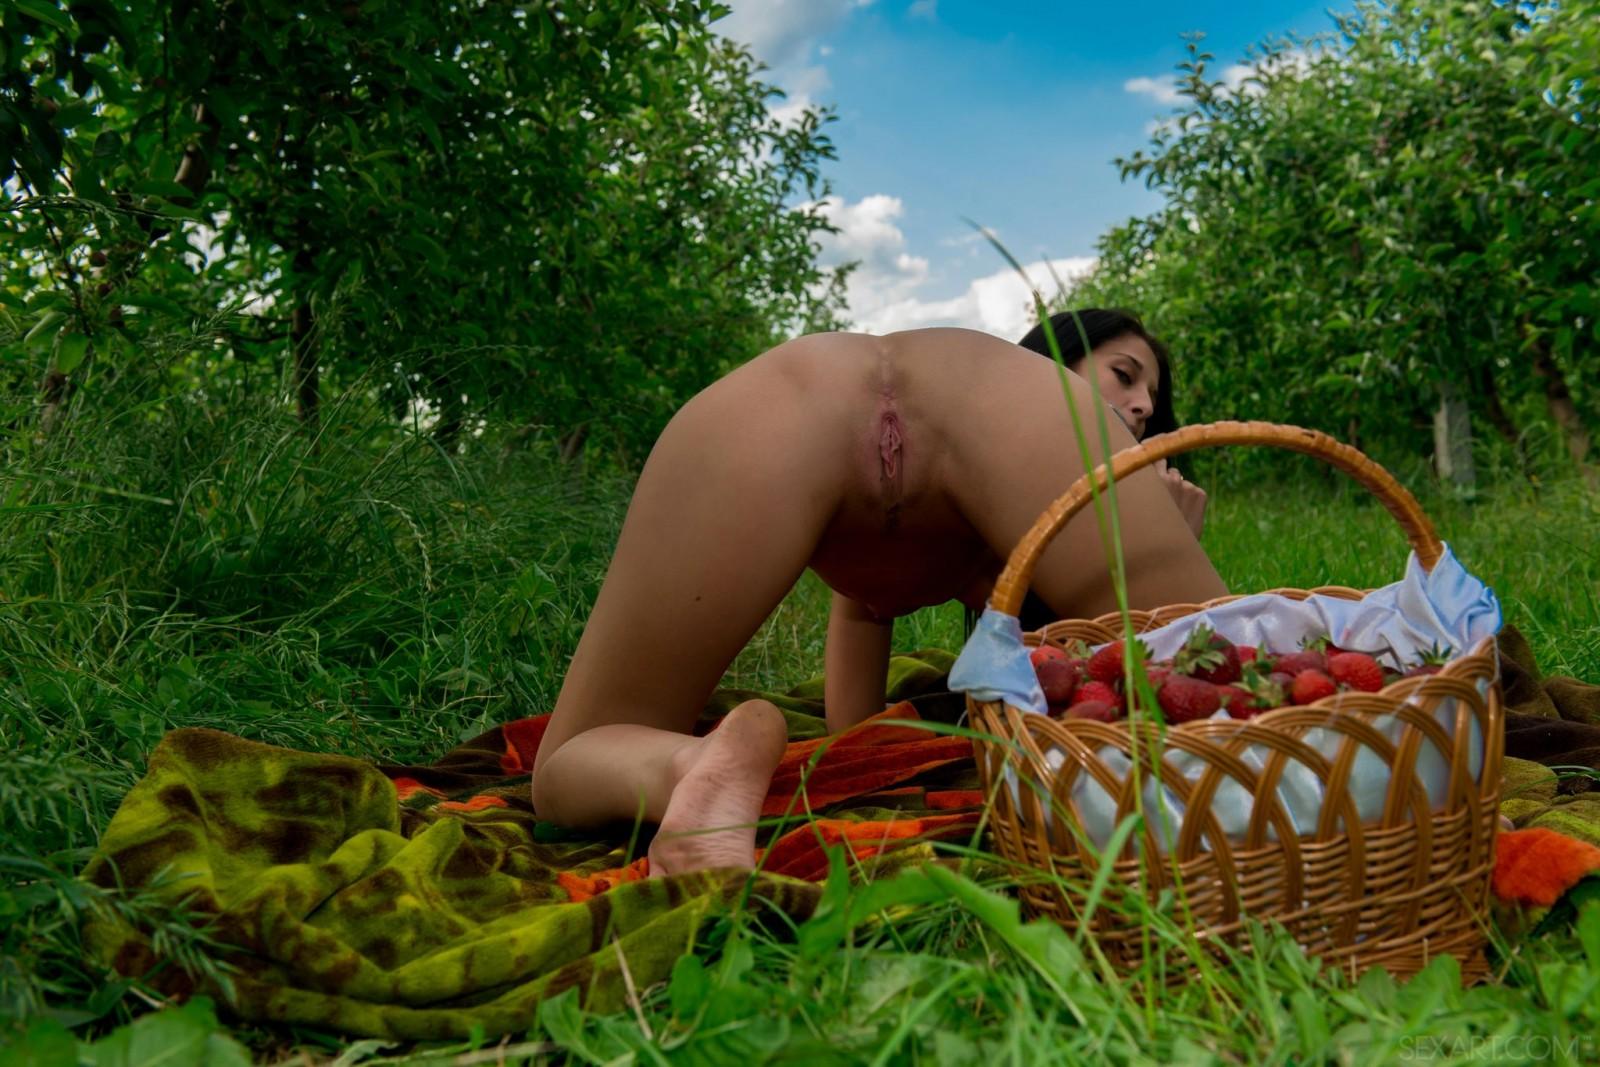 молодая сучка женщины приглашаются на пикник с интимом владивосток этом вас